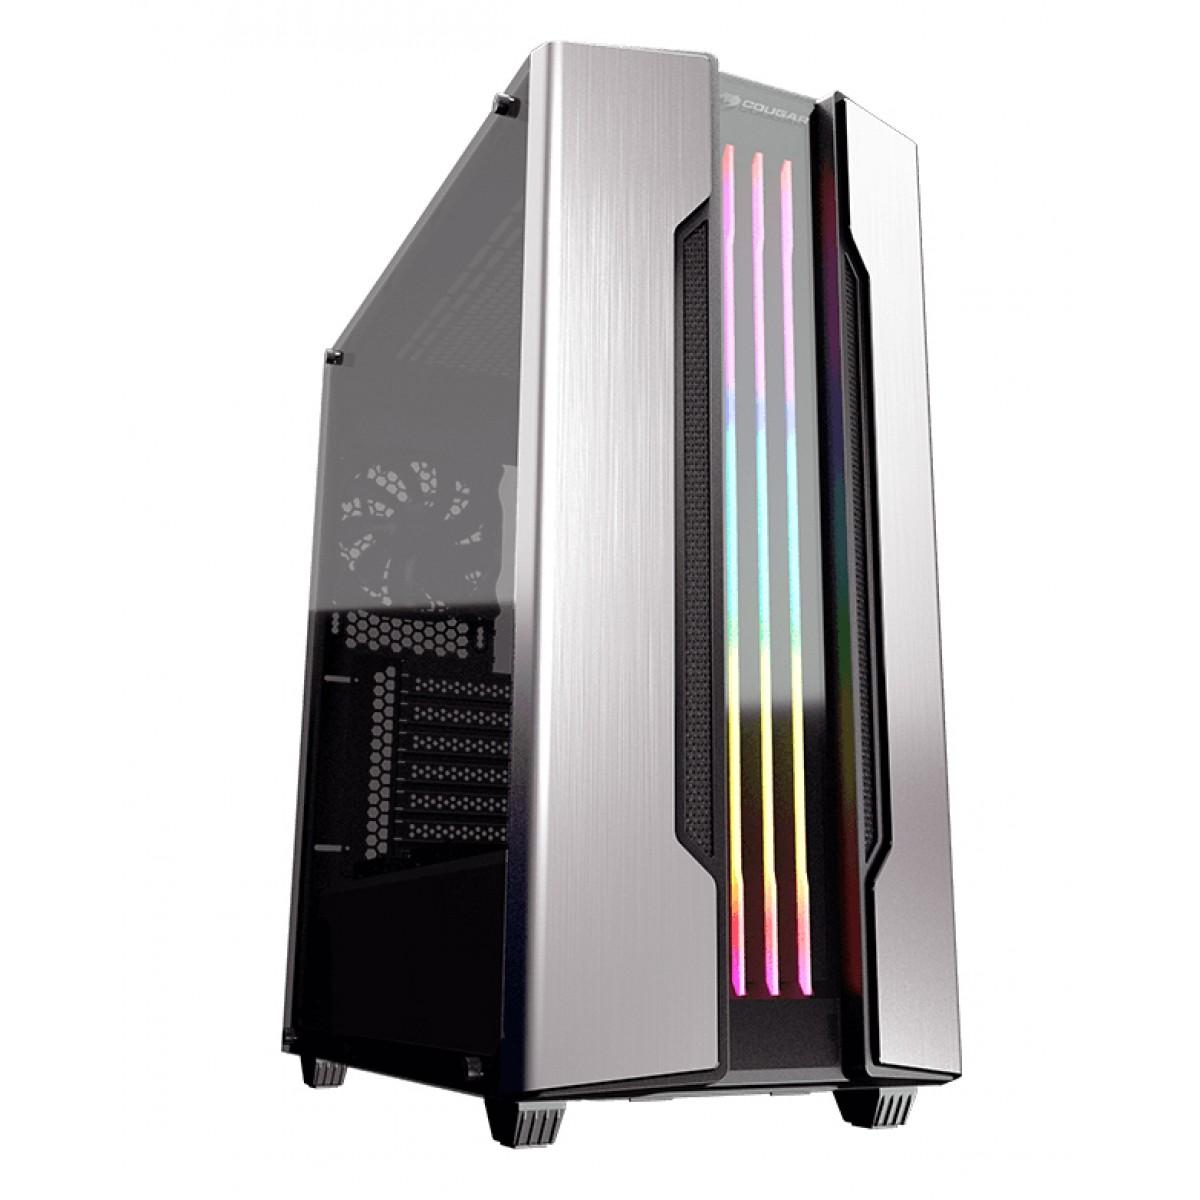 PC Gamer T-Power Captain Lvl-6 Intel I7 9700K 3.60GHz / Geforce RTX 2080 Ti / 16GB DDR4 / HD 1TB / 600W